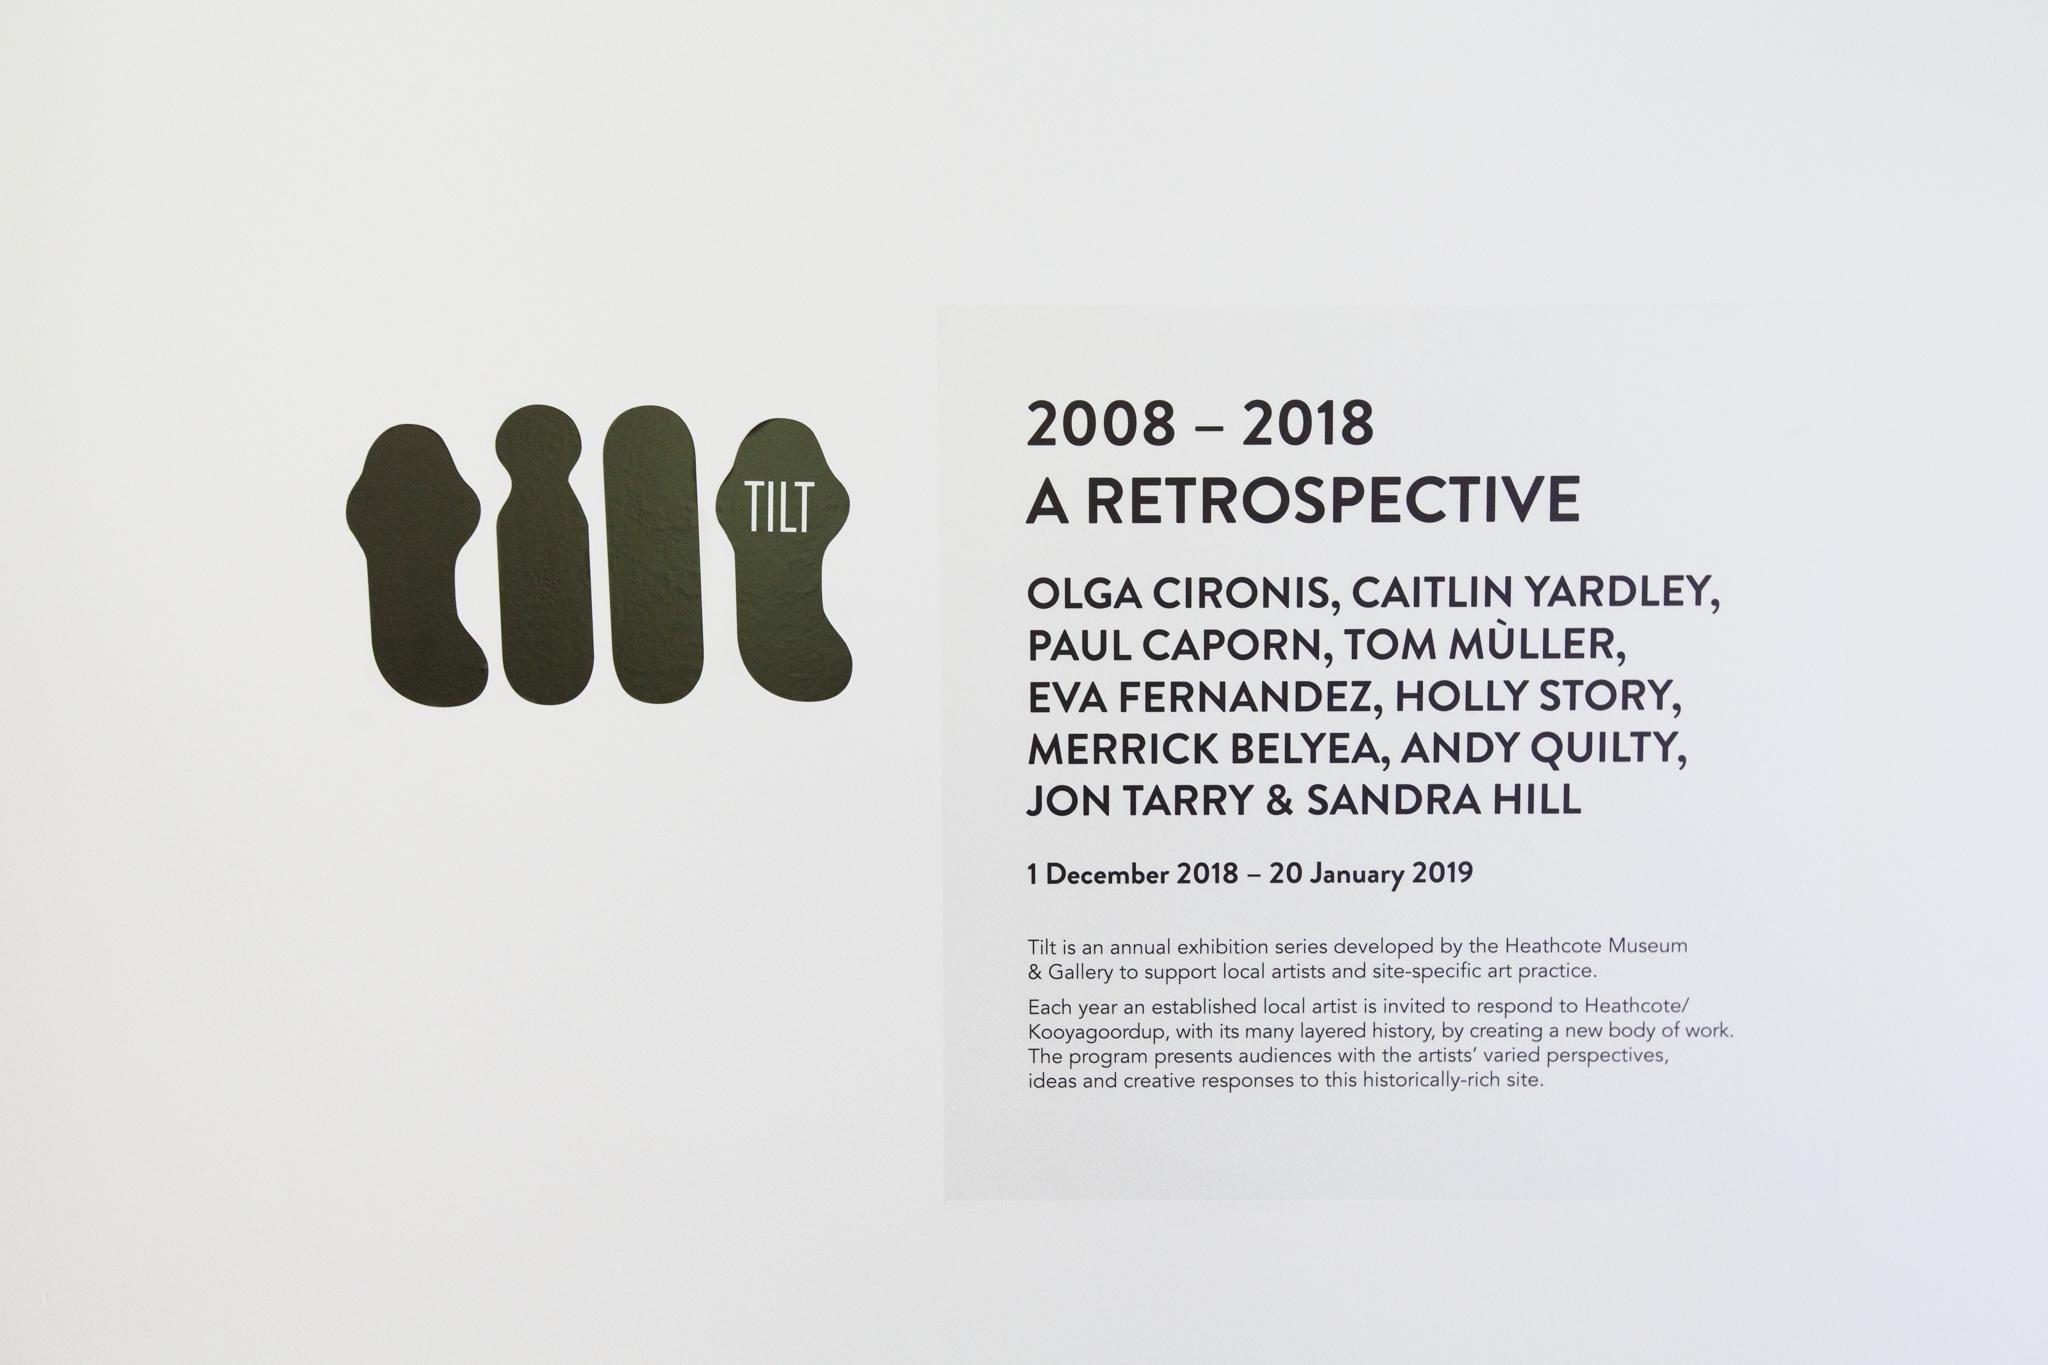 TILT_Retrospective_2018_Websize-01